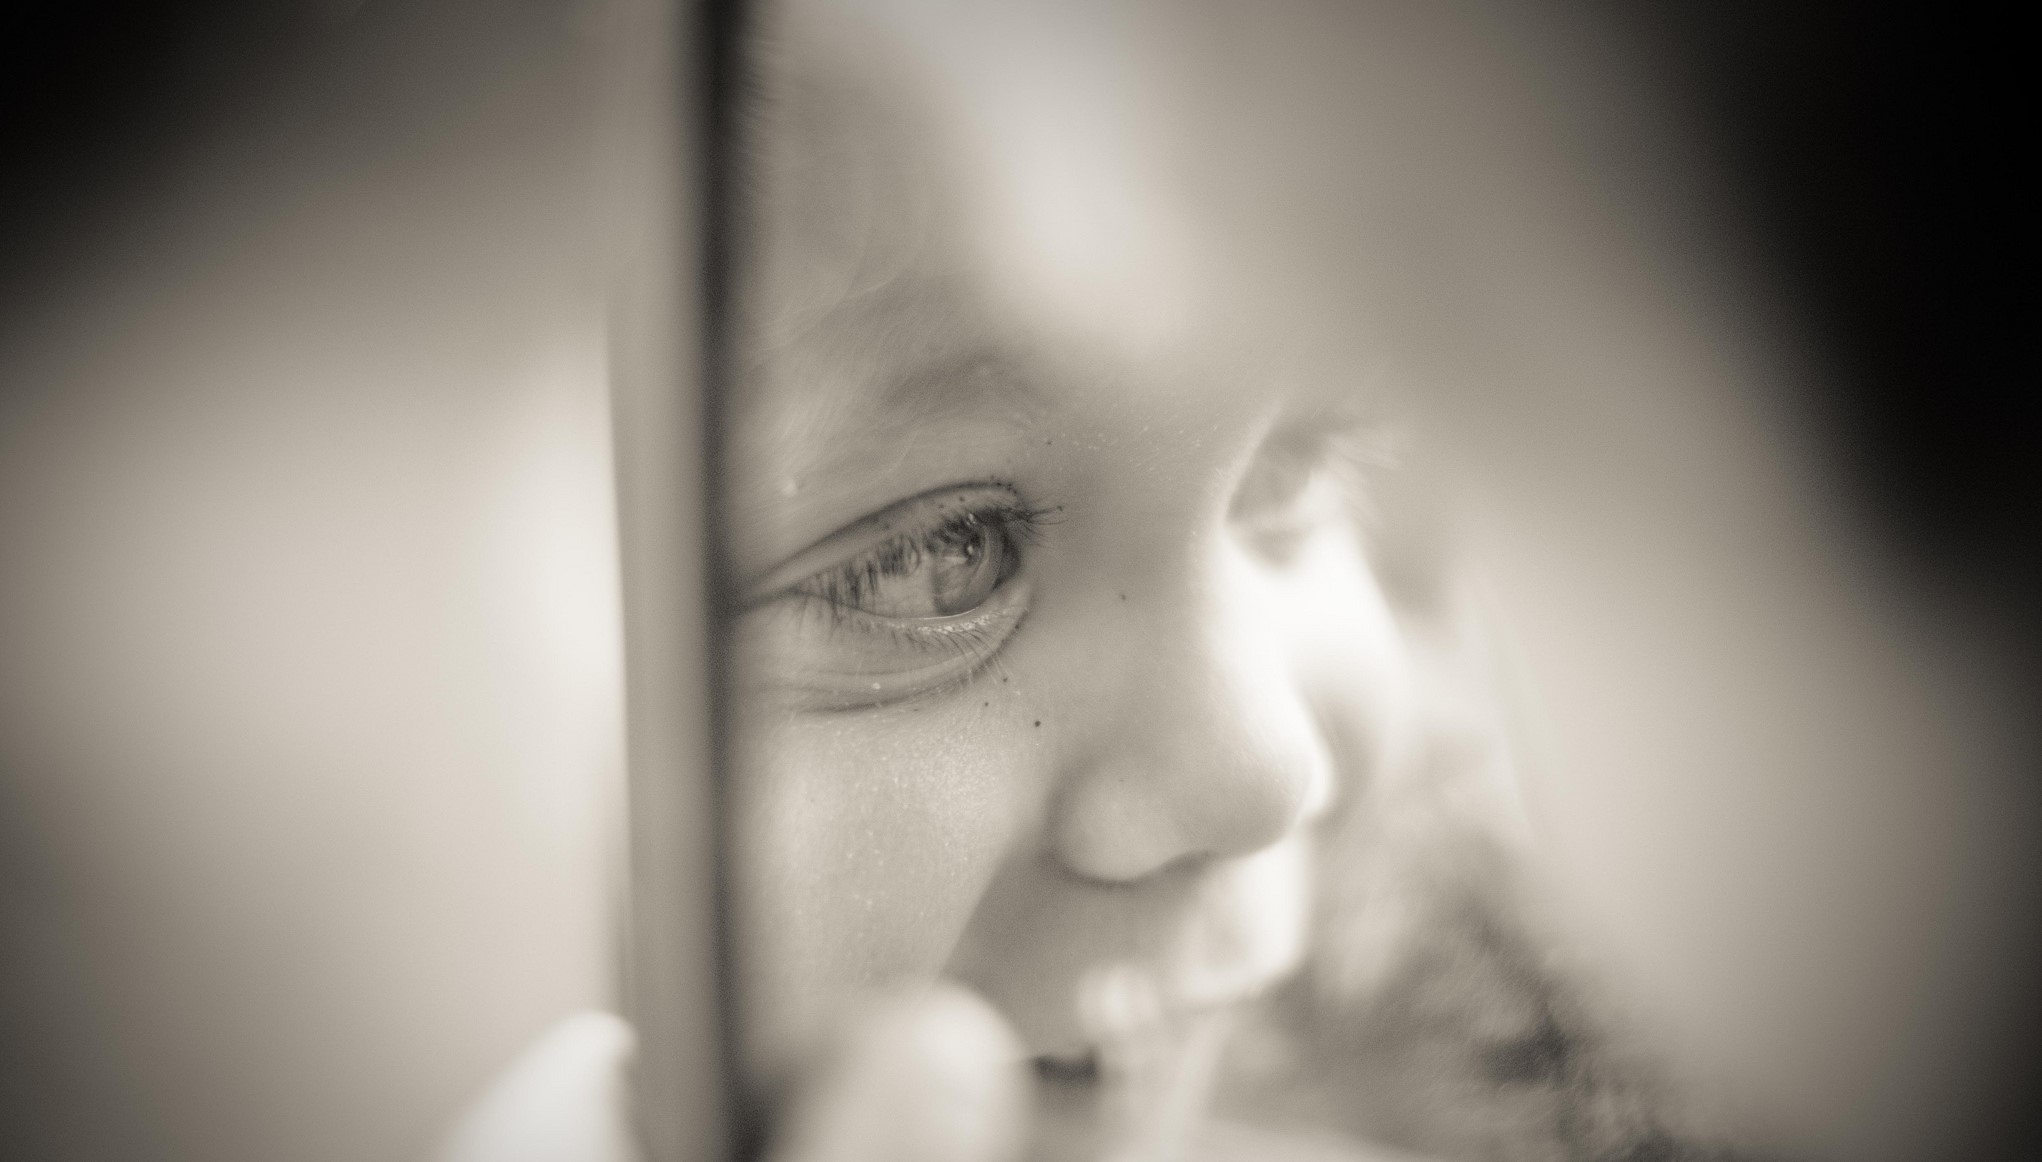 """""""Próbálkozom fejlődni érte is"""" – Az önismeretnek teljesen új fejezetét nyitja a szülővé válás"""